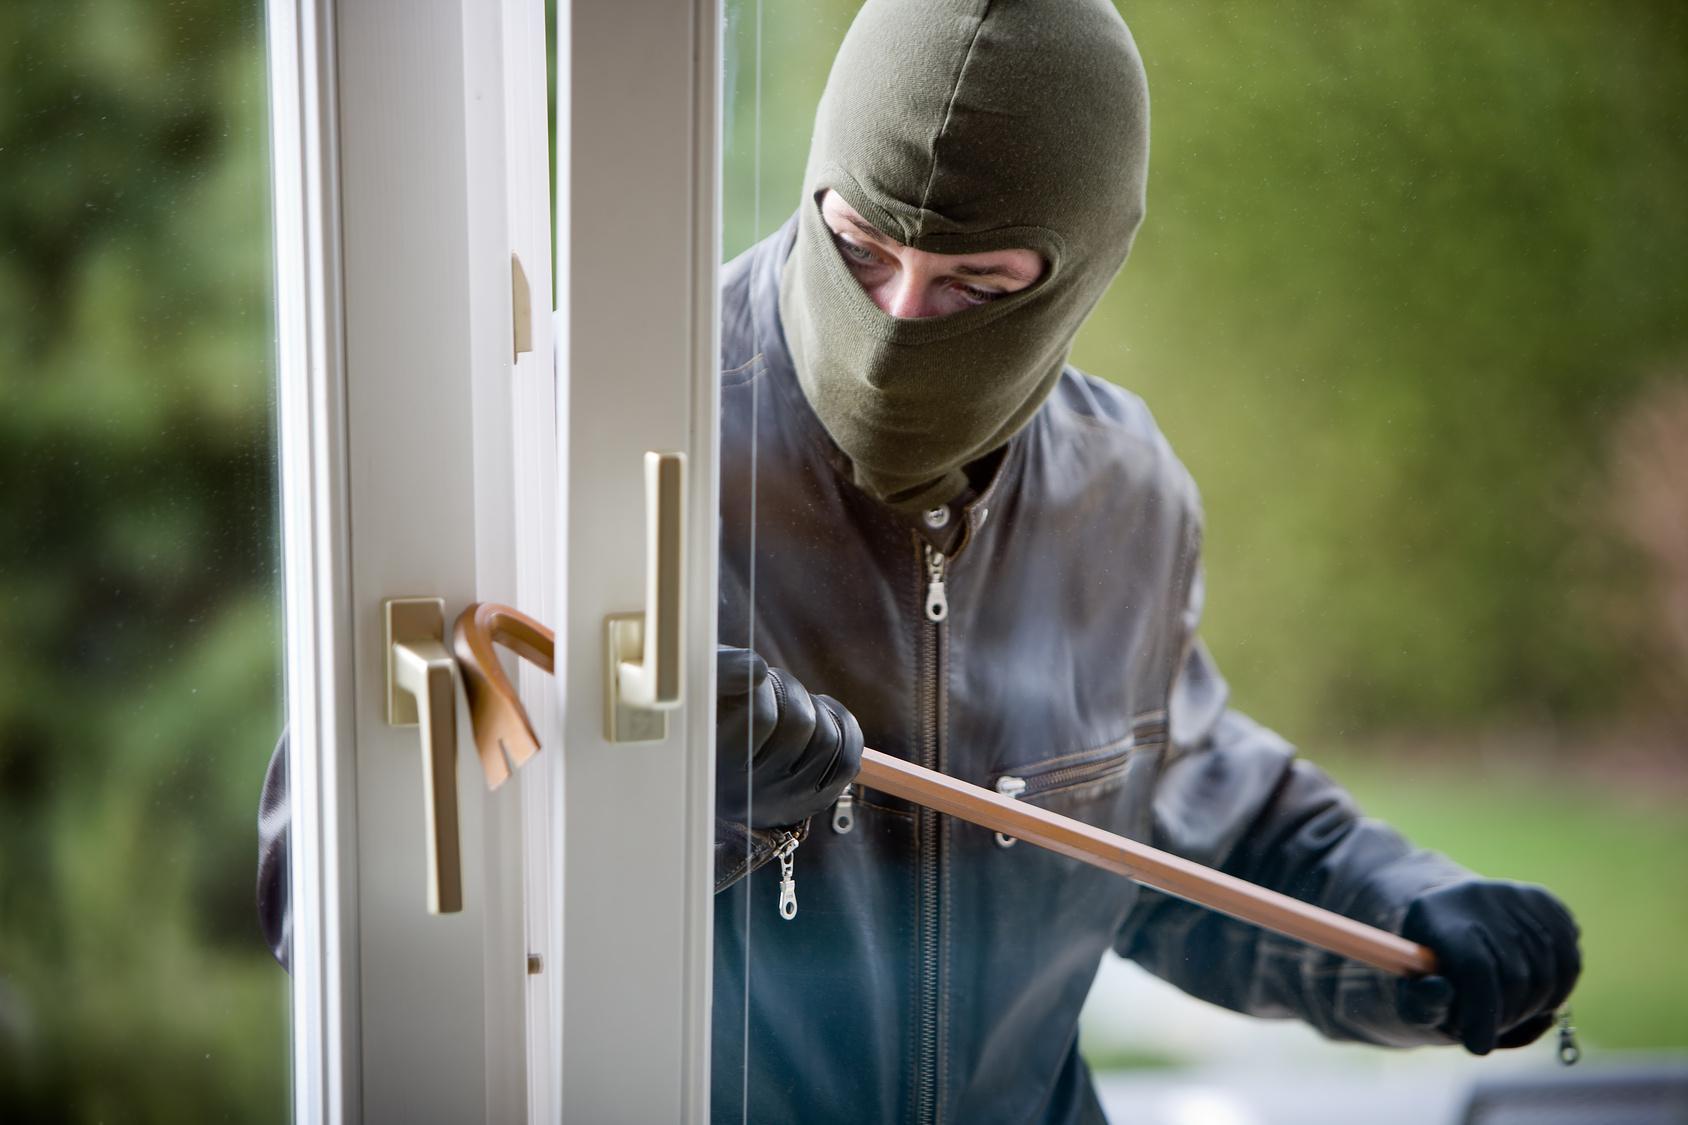 Lừa dối, trộm cắp tài sản của người là các nhân khiến kinh doanh gặp phải vận đen (ảnh minh họa)